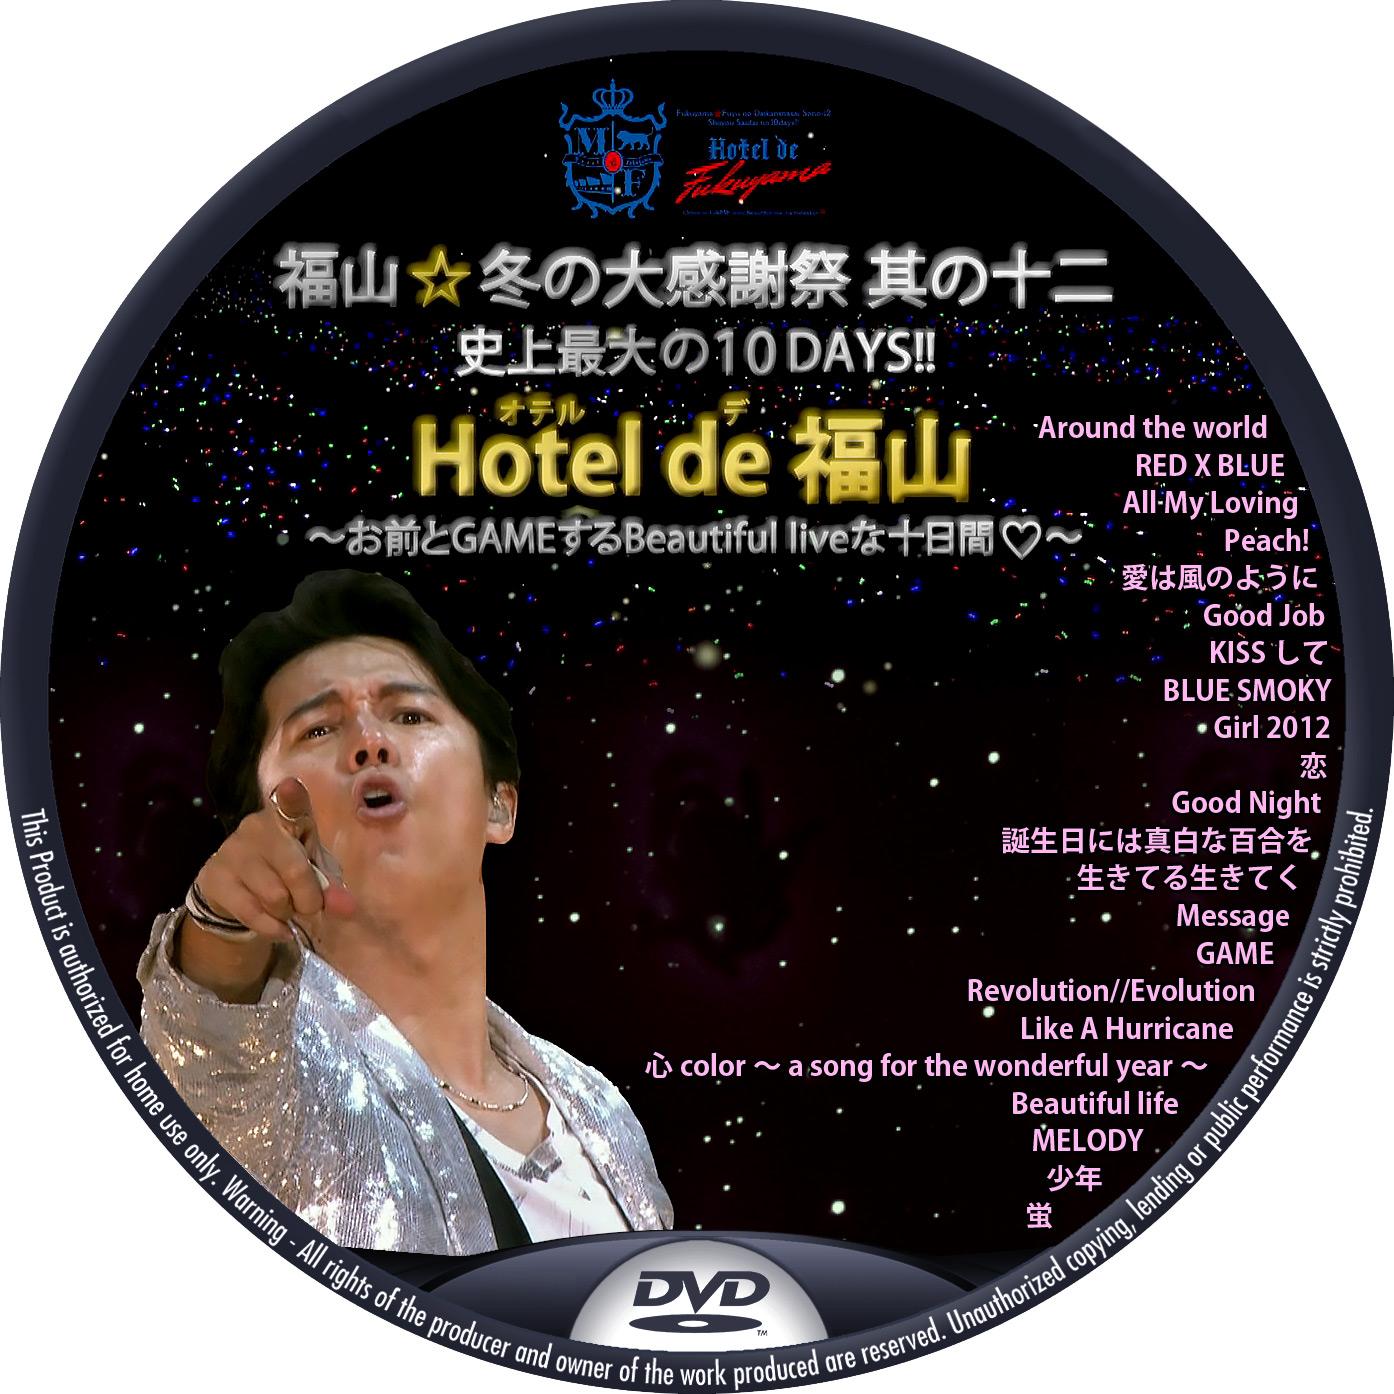 福山雅治 冬の大感謝祭 Hotel de 福山 DVDラベル